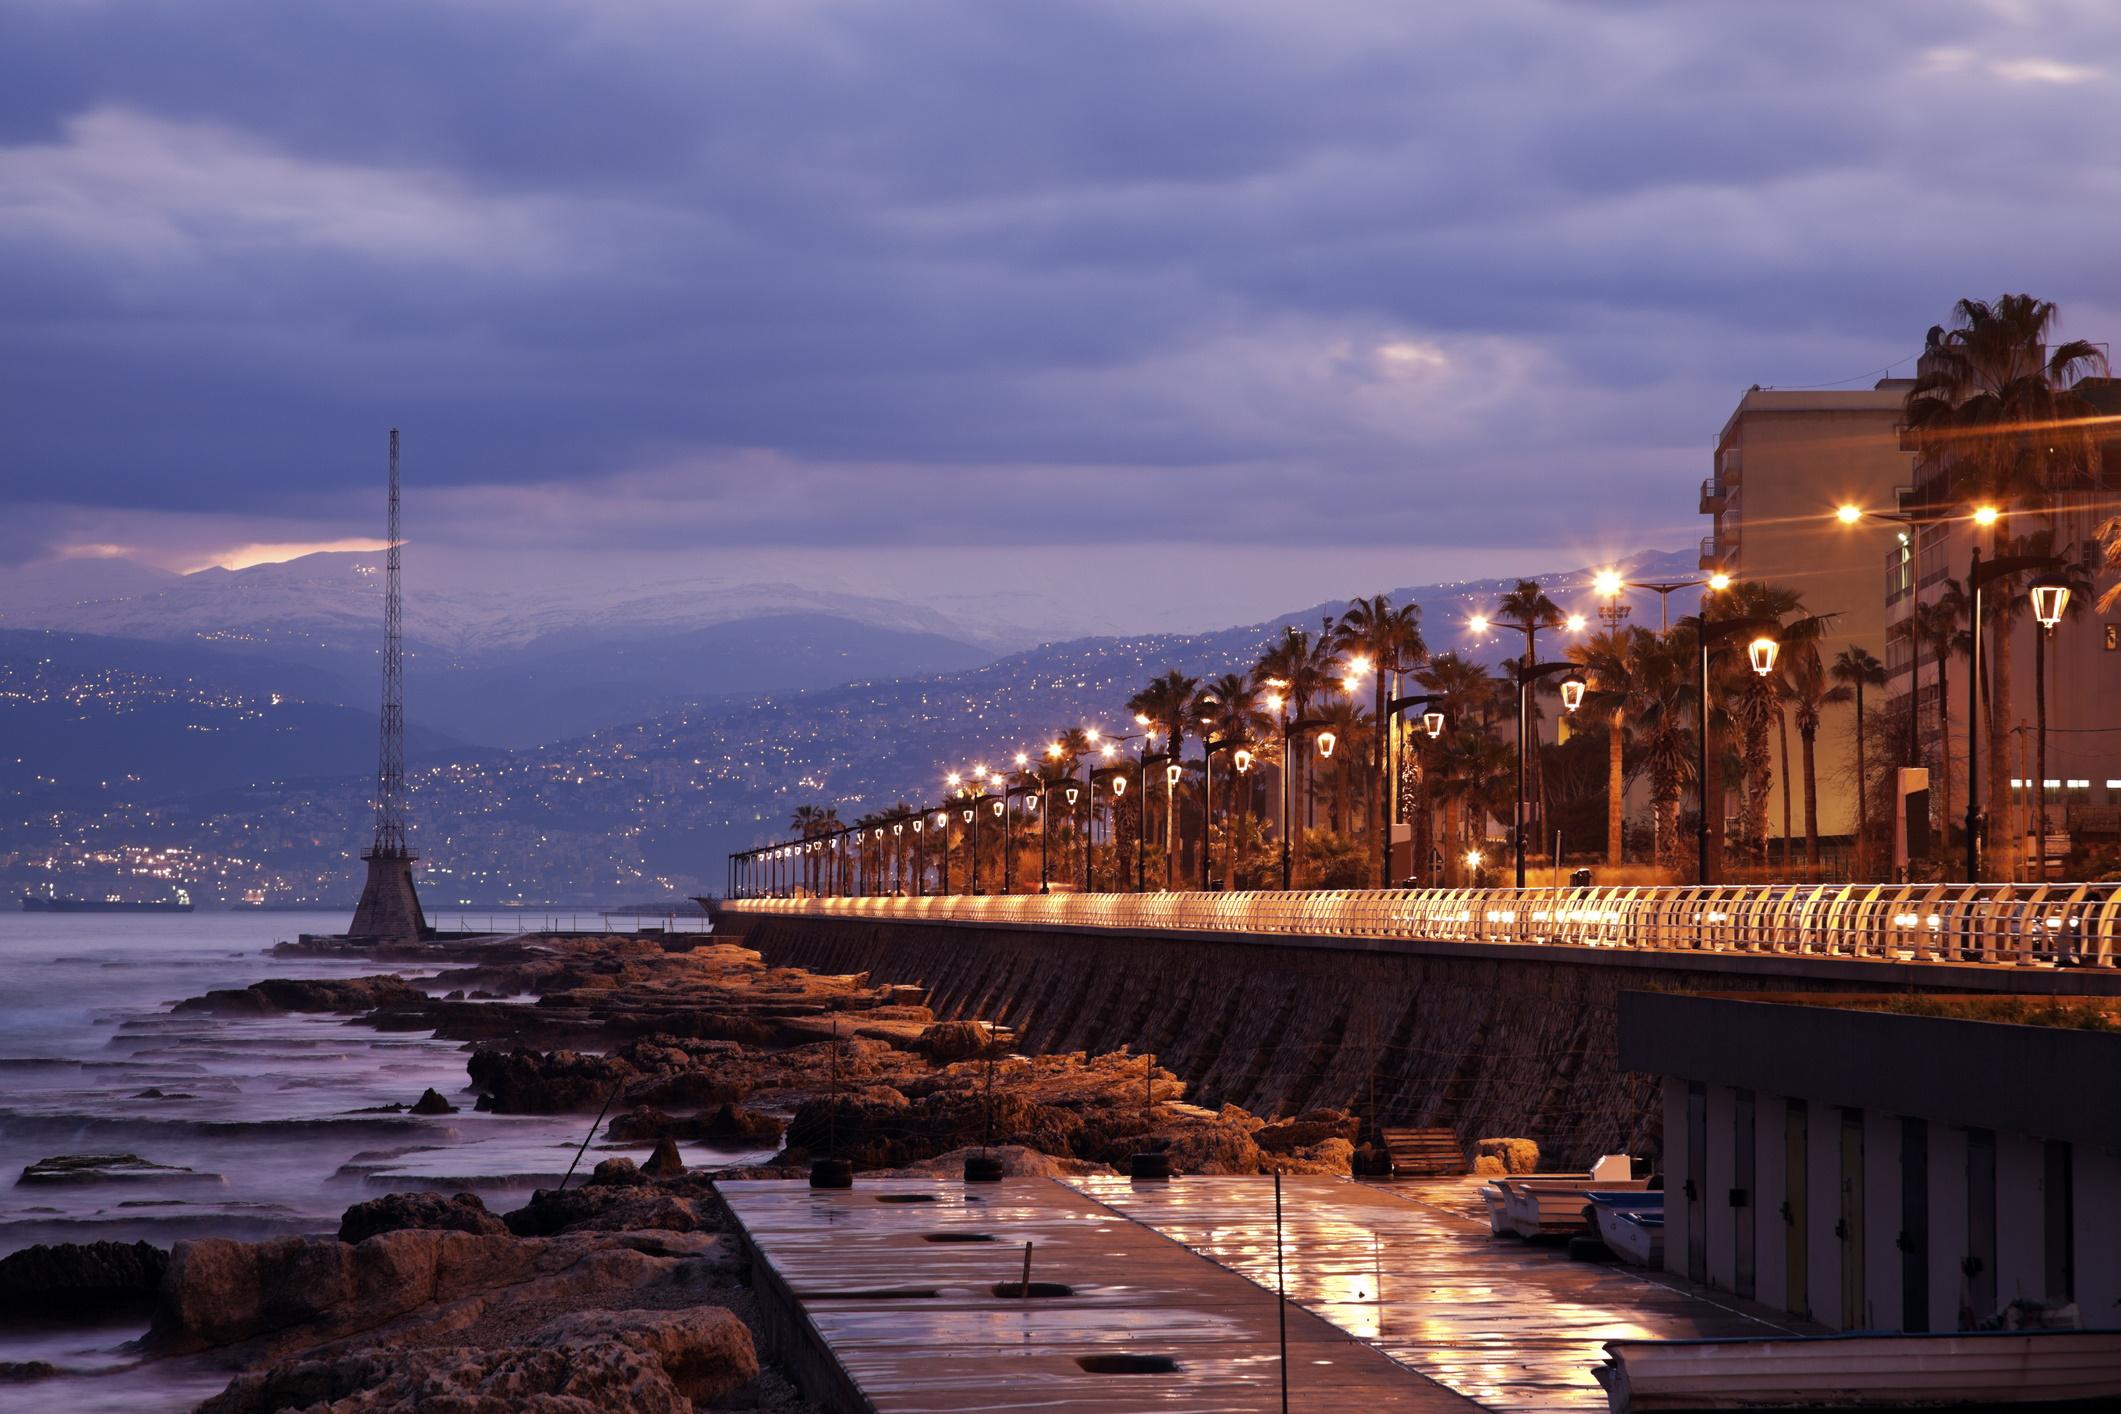 <p><strong>Бейрут</strong></p>  <p>Любовта на ливанците към забавленията, в комбинация с огромни избор от модерни клубове и барове правят парти сцената в Бейрут толкова уникална. По всяко време на денонощието някъде в този град има парти.</p>  <p>&nbsp;</p>  <p>&nbsp;</p>